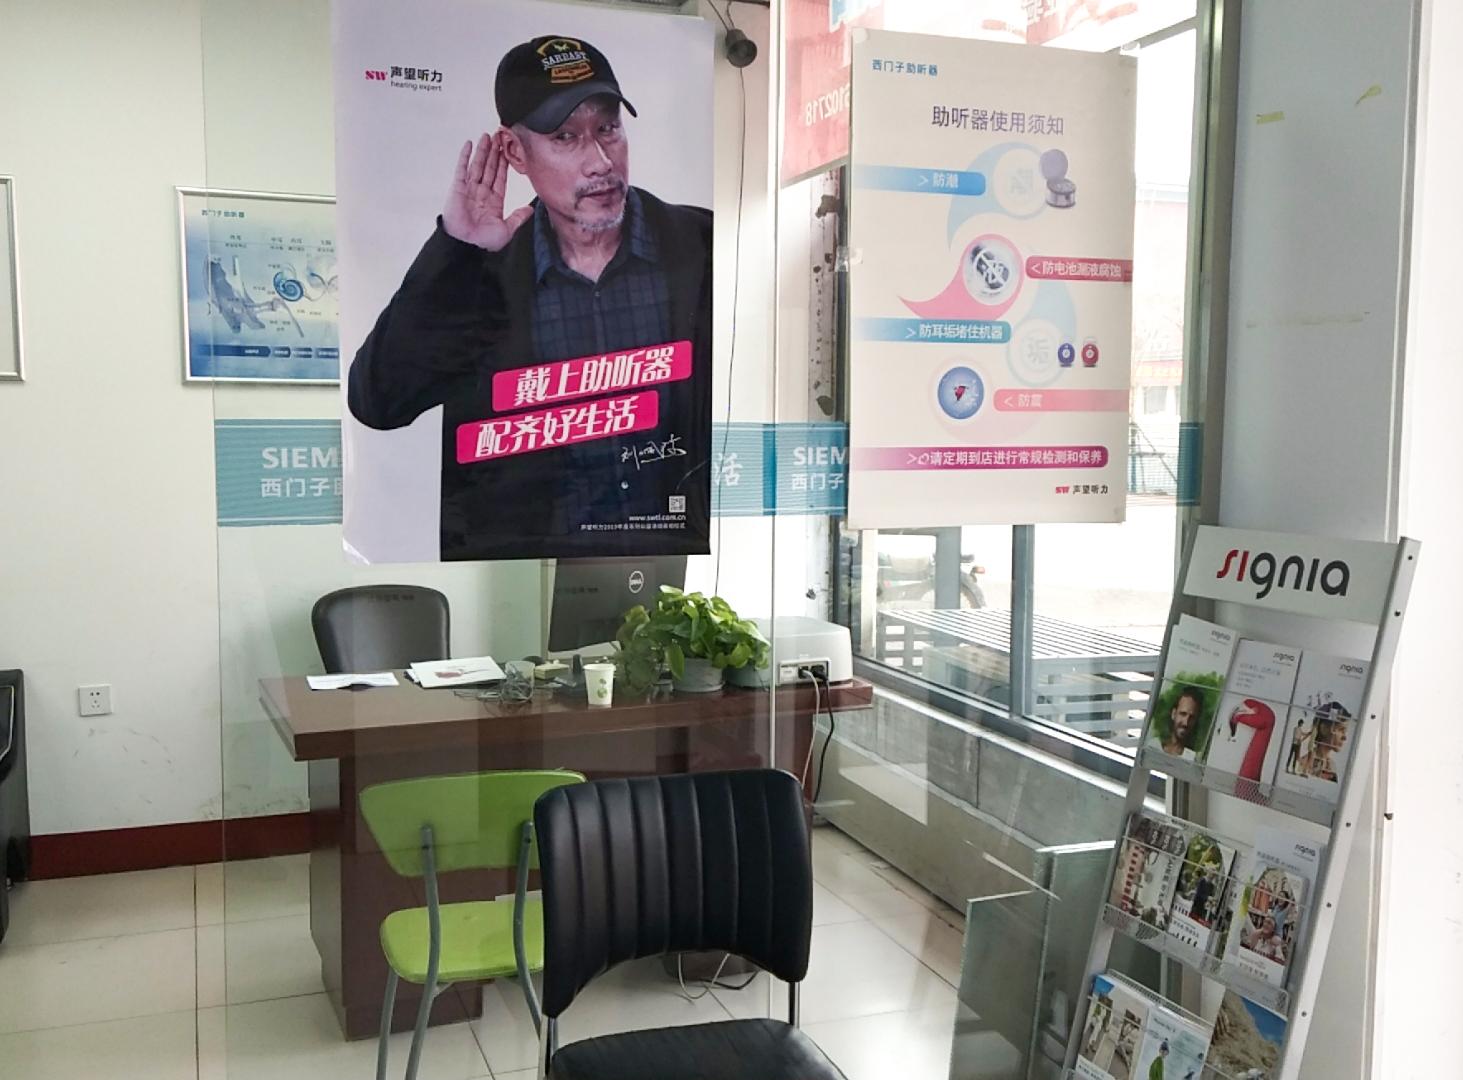 安阳林州店 验配环境展示